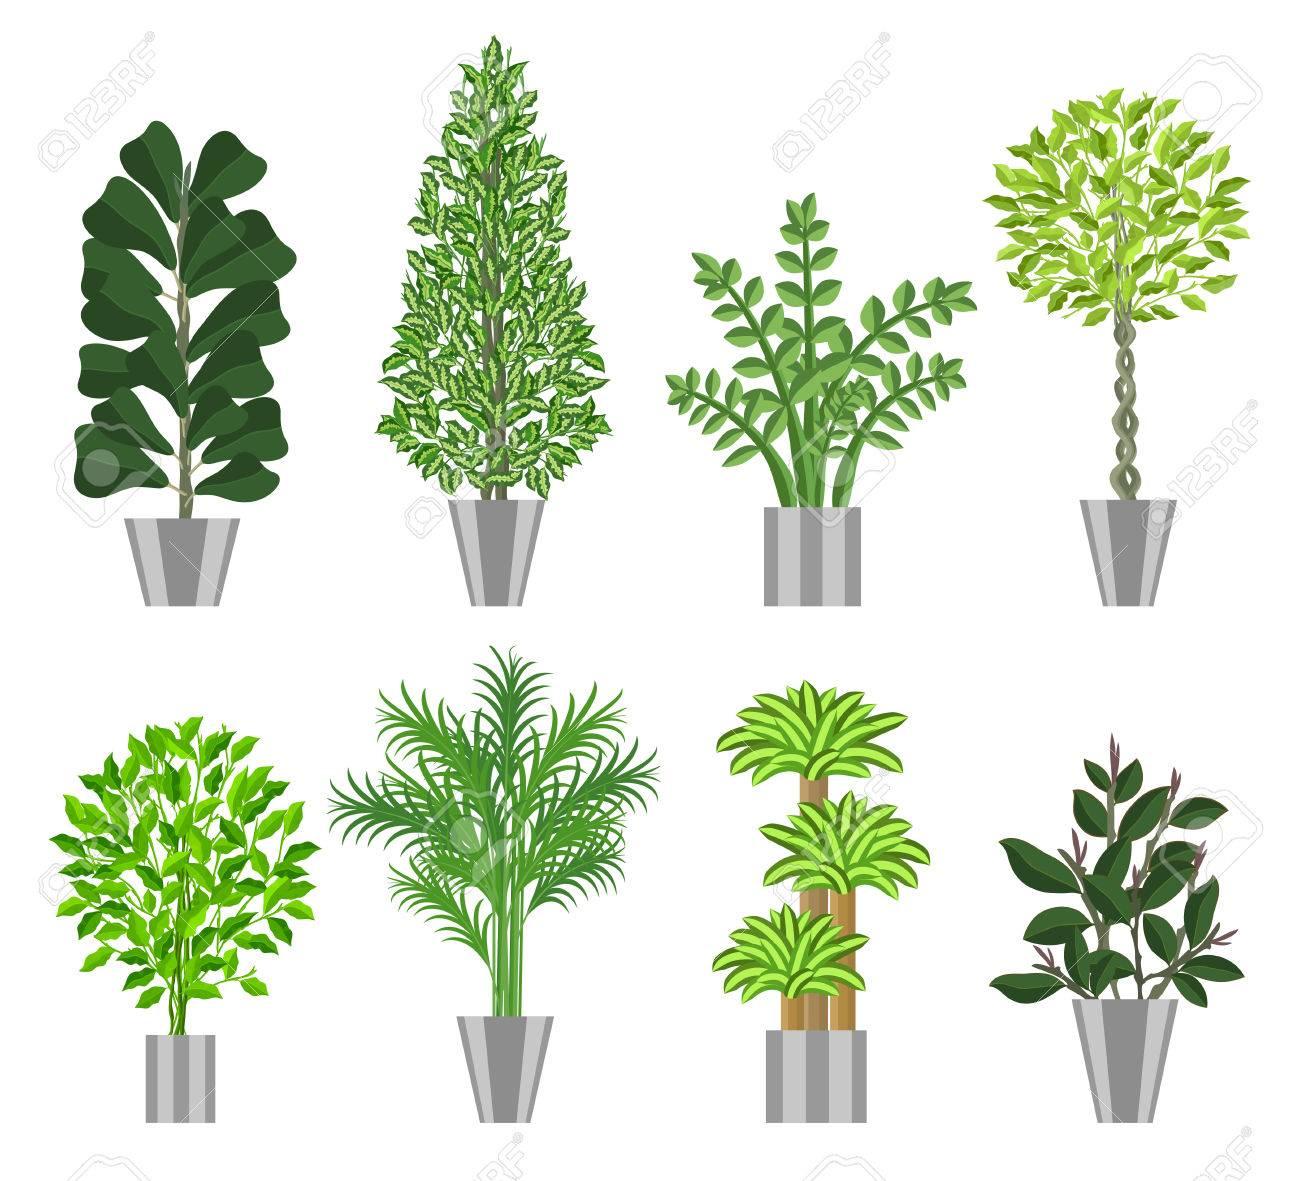 grosse baume hauspflanzen sammlung grosse zimmerpflanzen in topfe fur die dekoration von innenraumen vektor